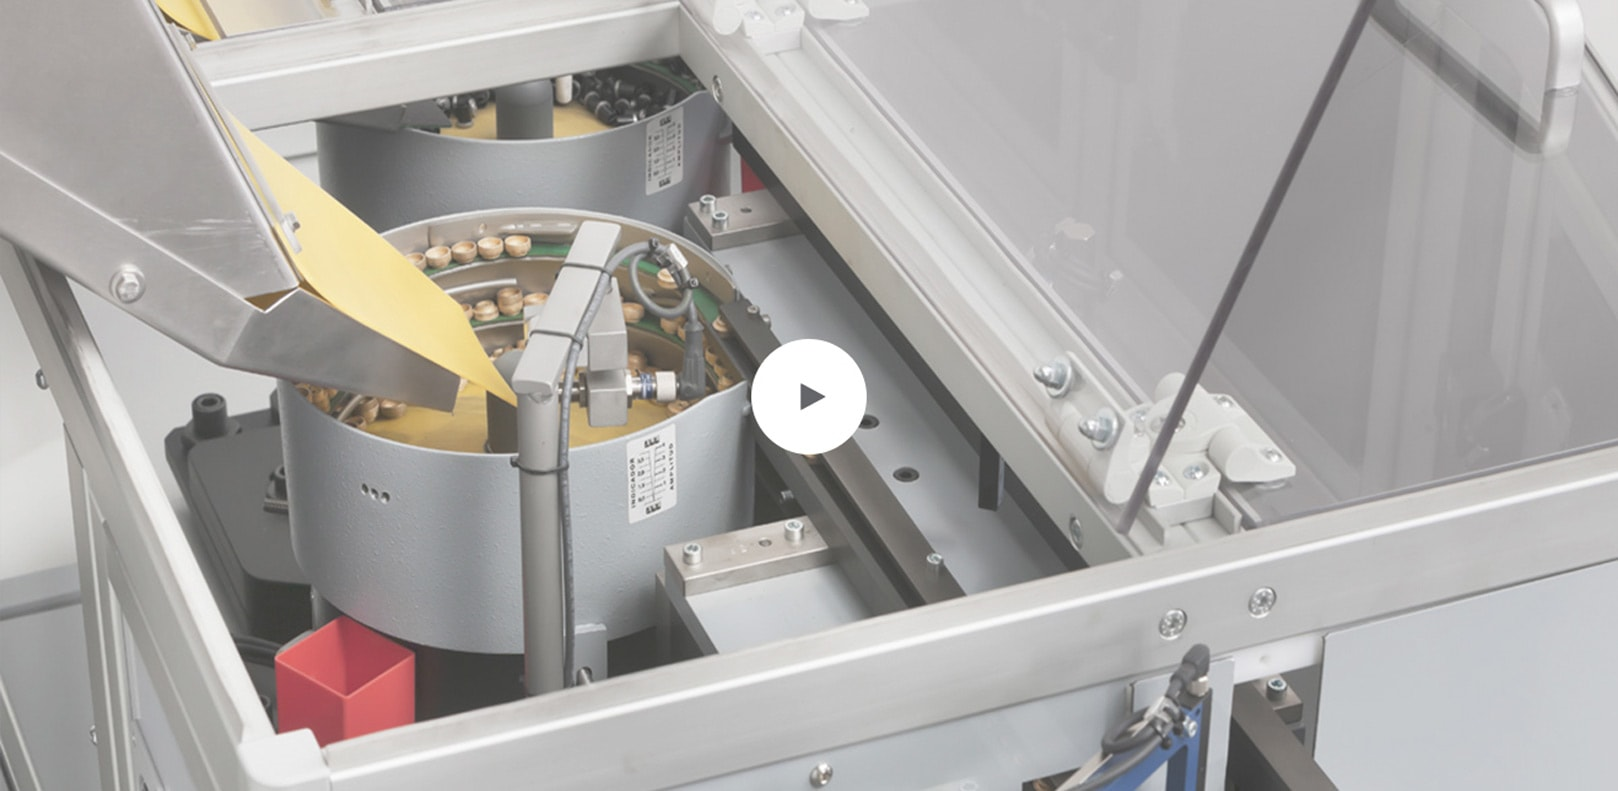 vidéo un peu d'information sur les machines logistiques